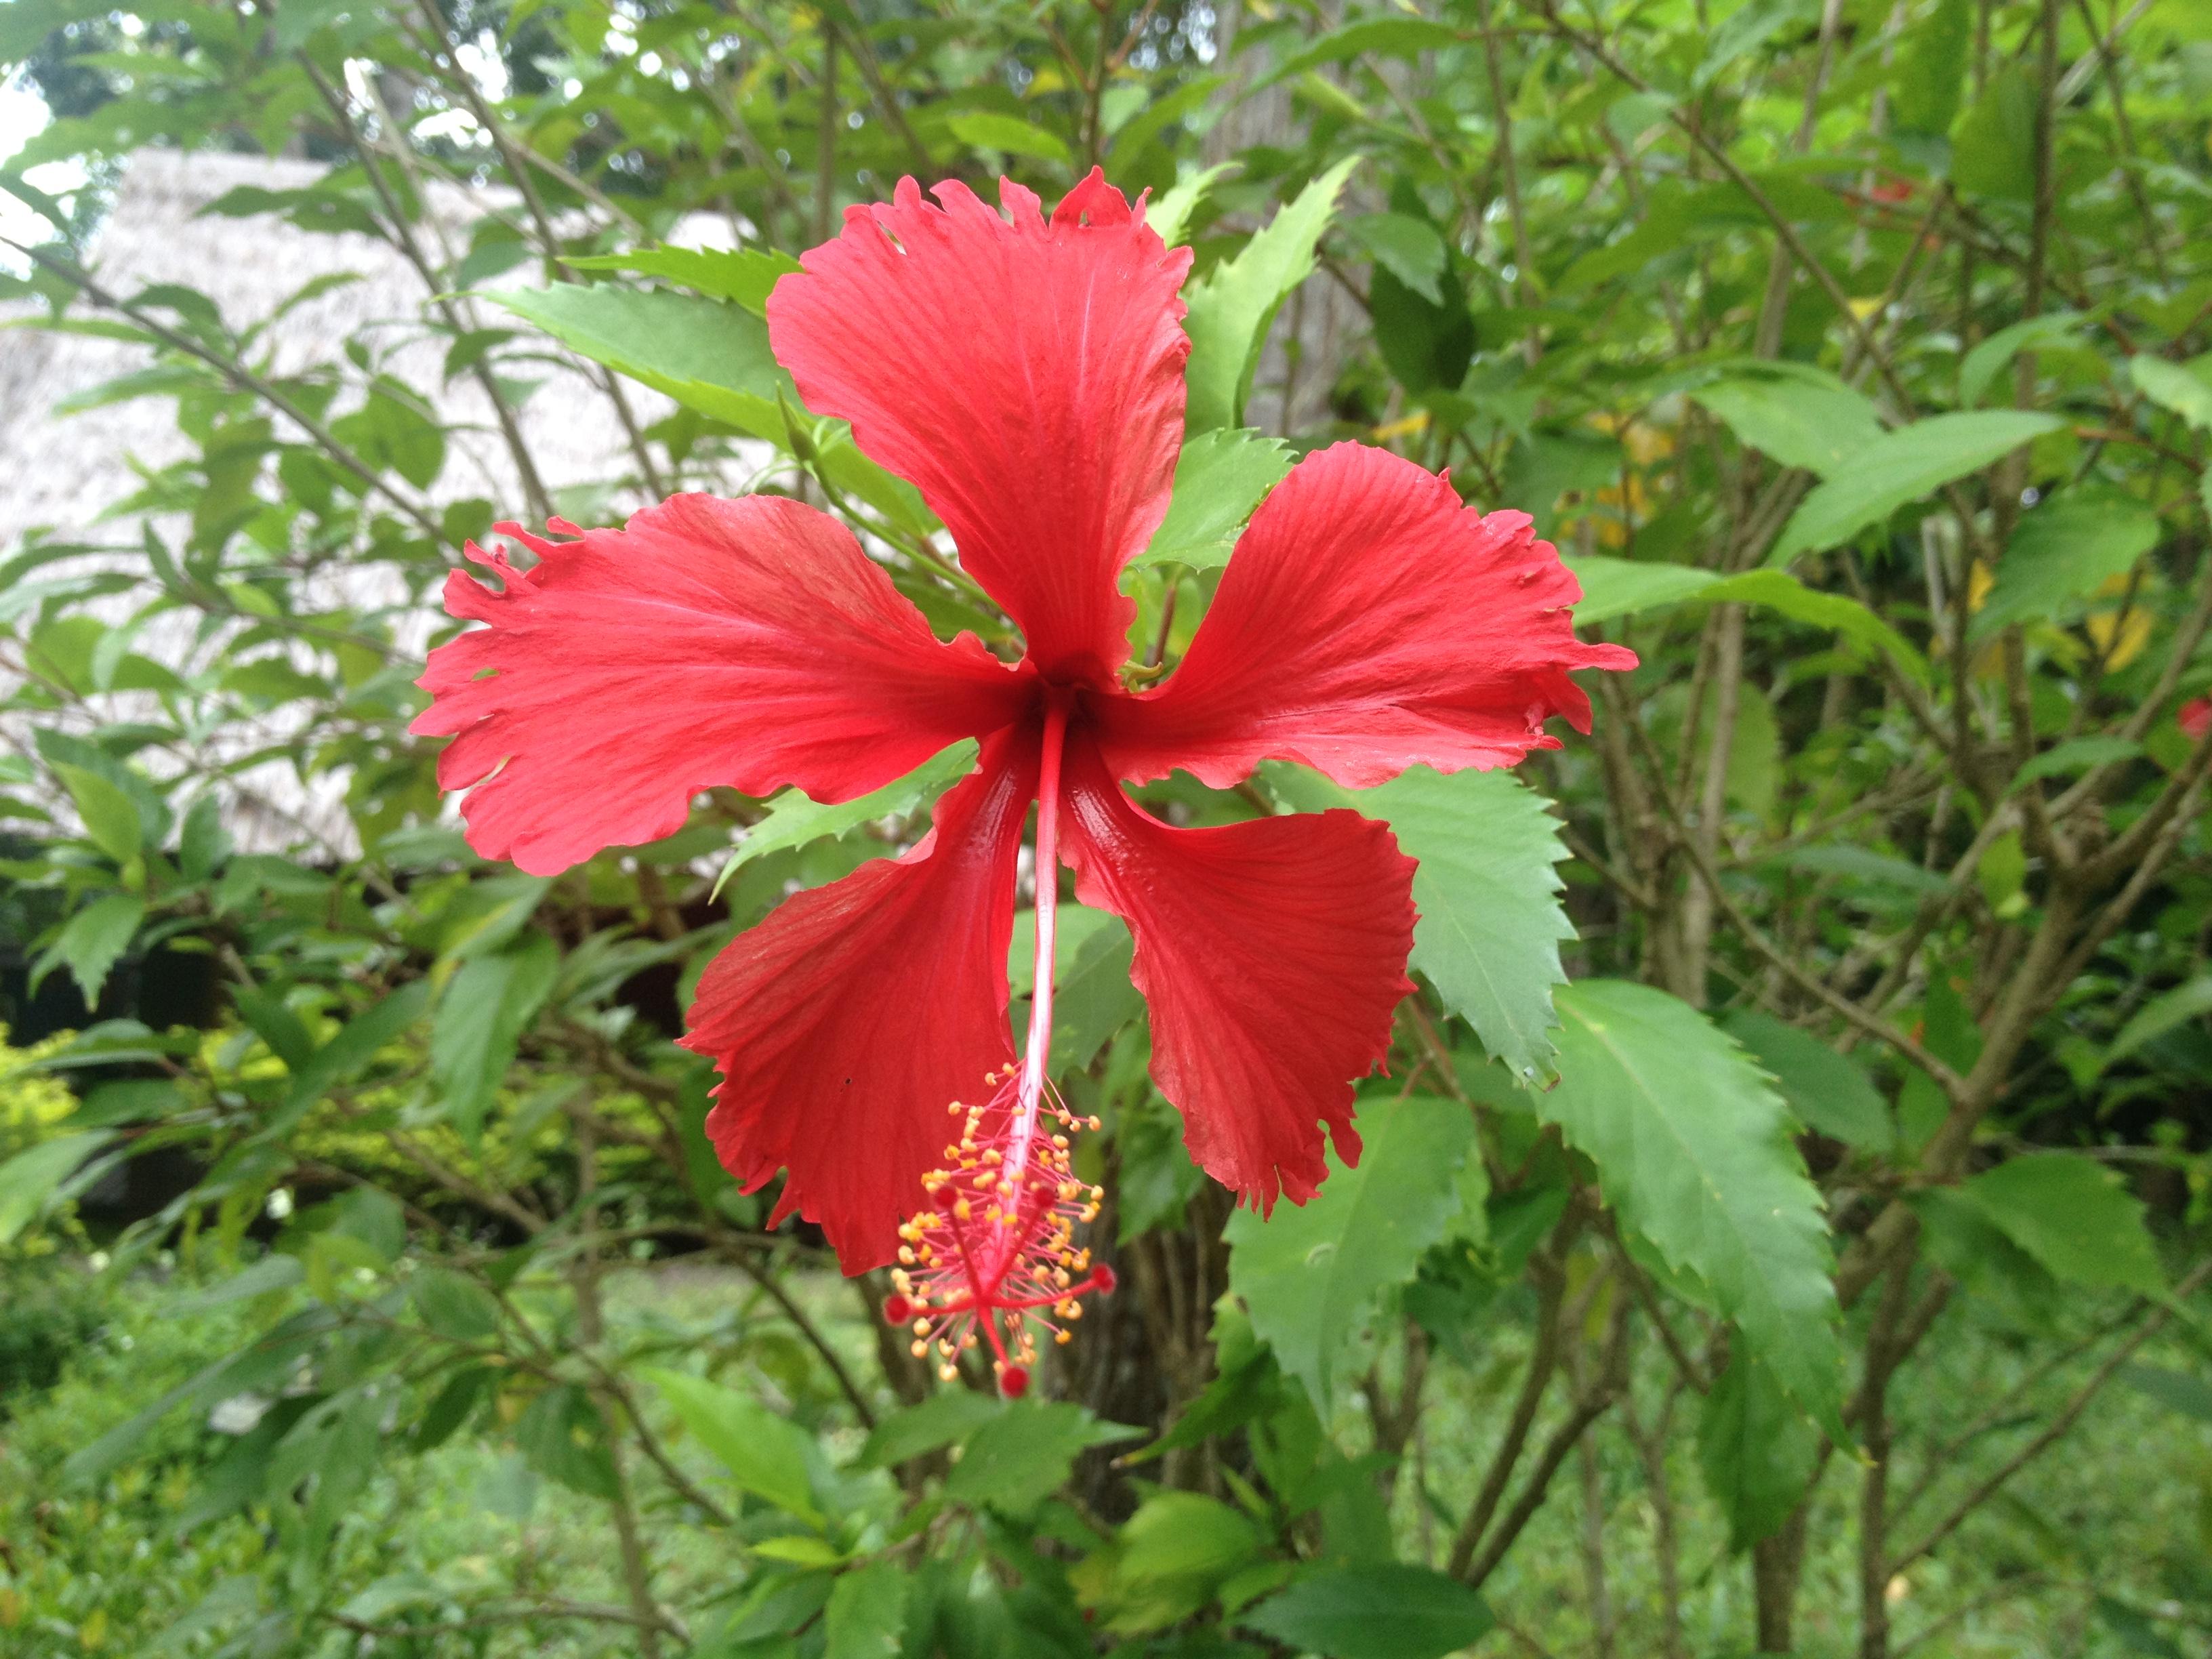 retreat til That Phanom blomst